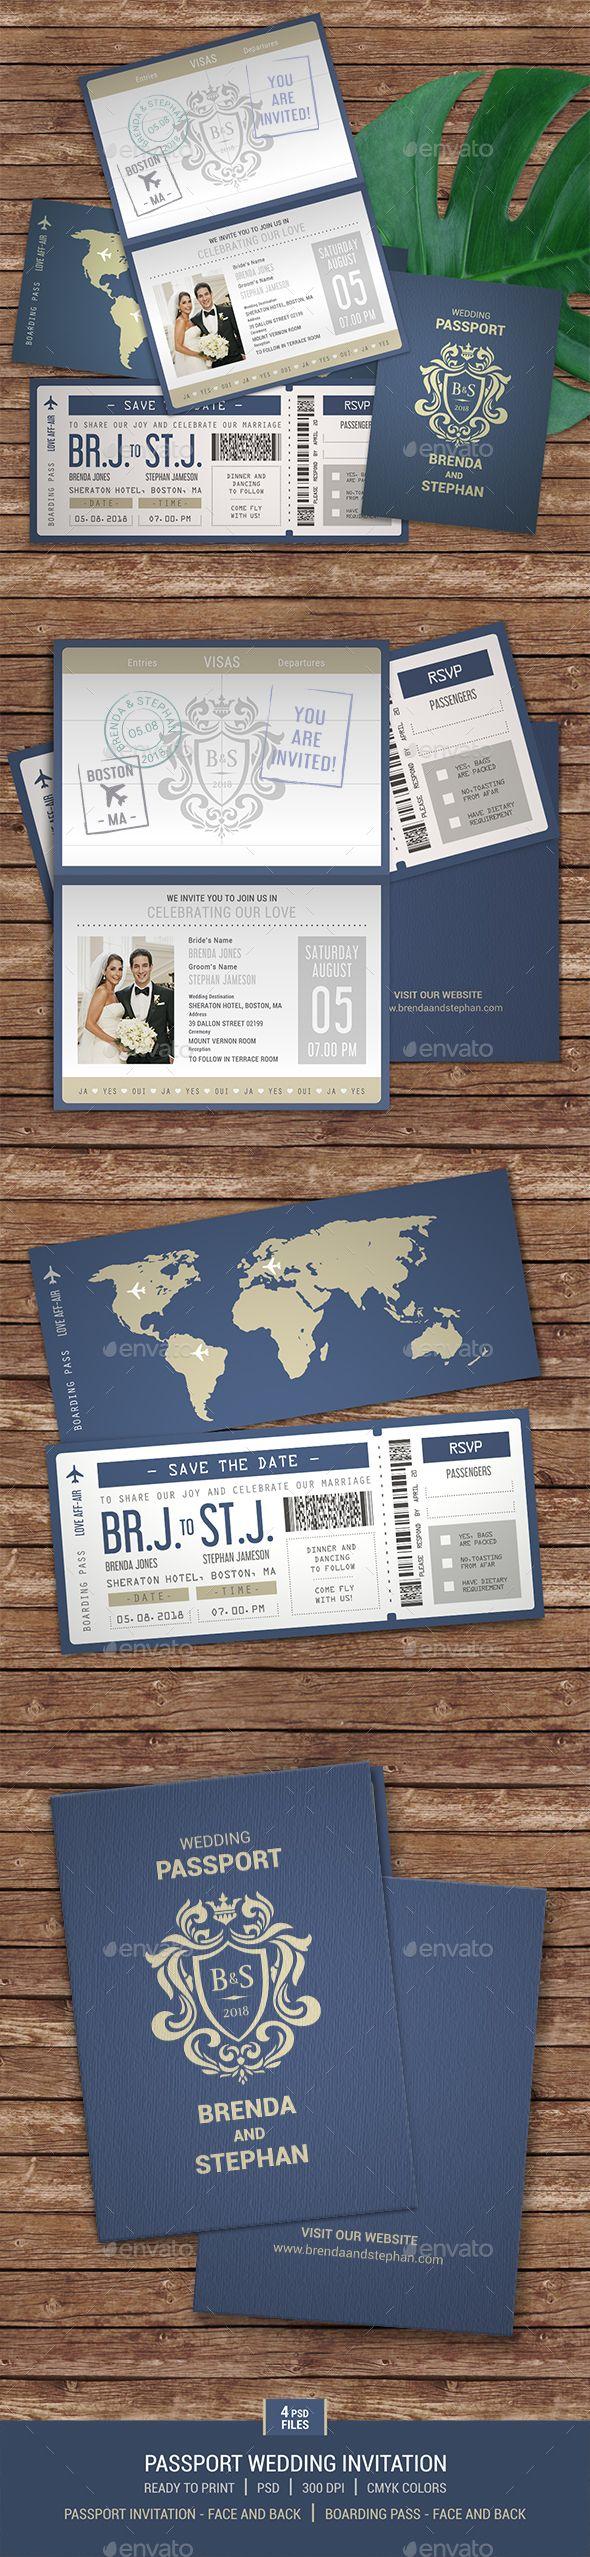 Passport Wedding Invitation Passport Wedding Invitations Weddings